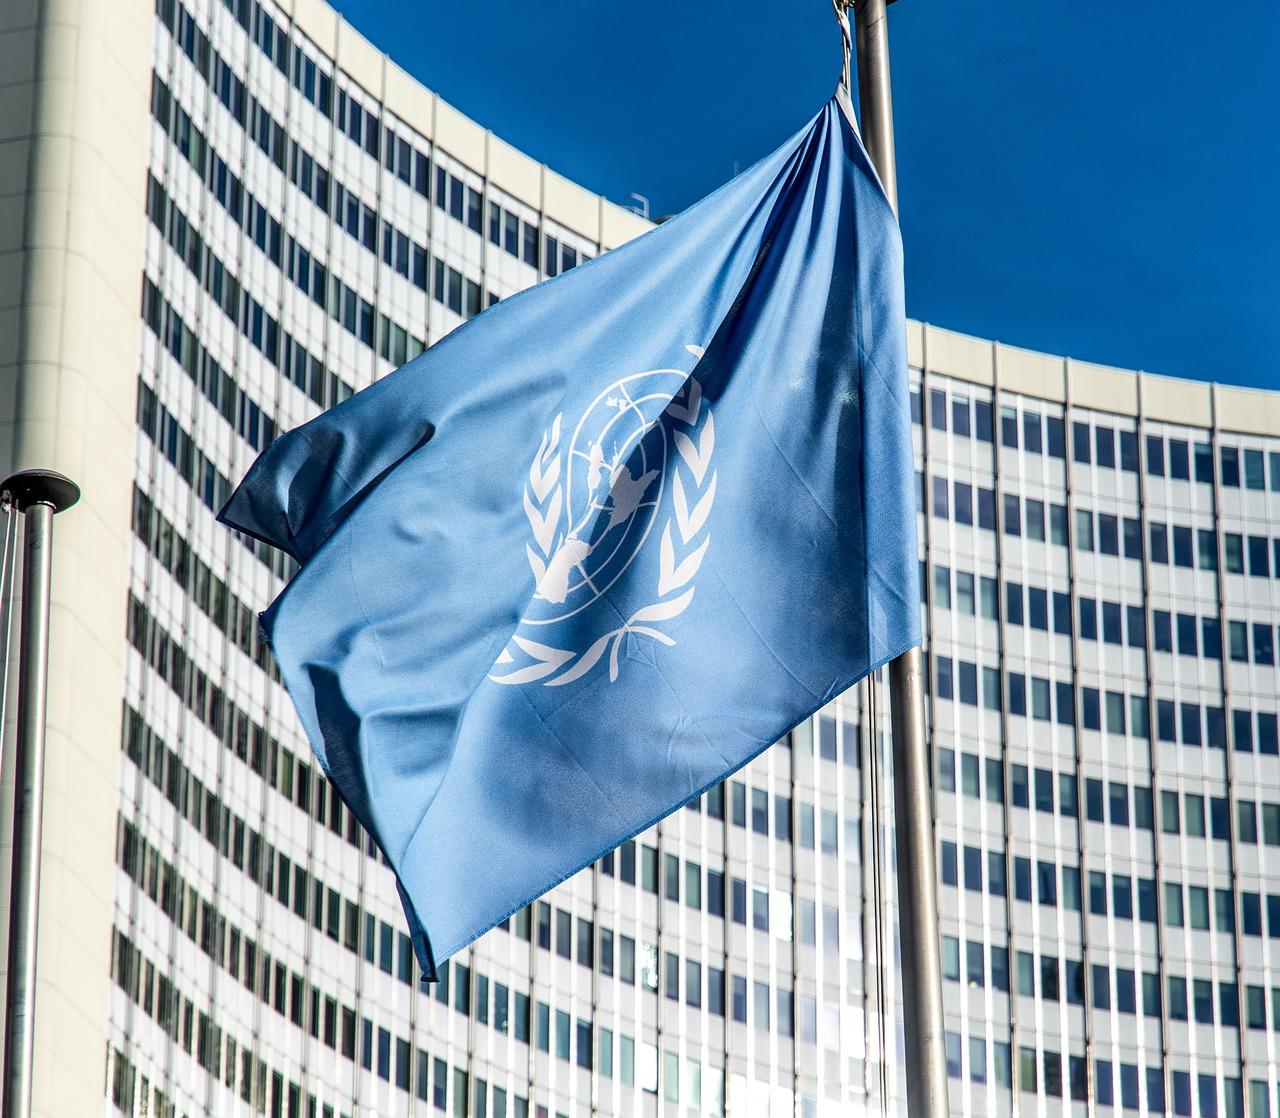 UNSG: 'atrocity crimes' preventable